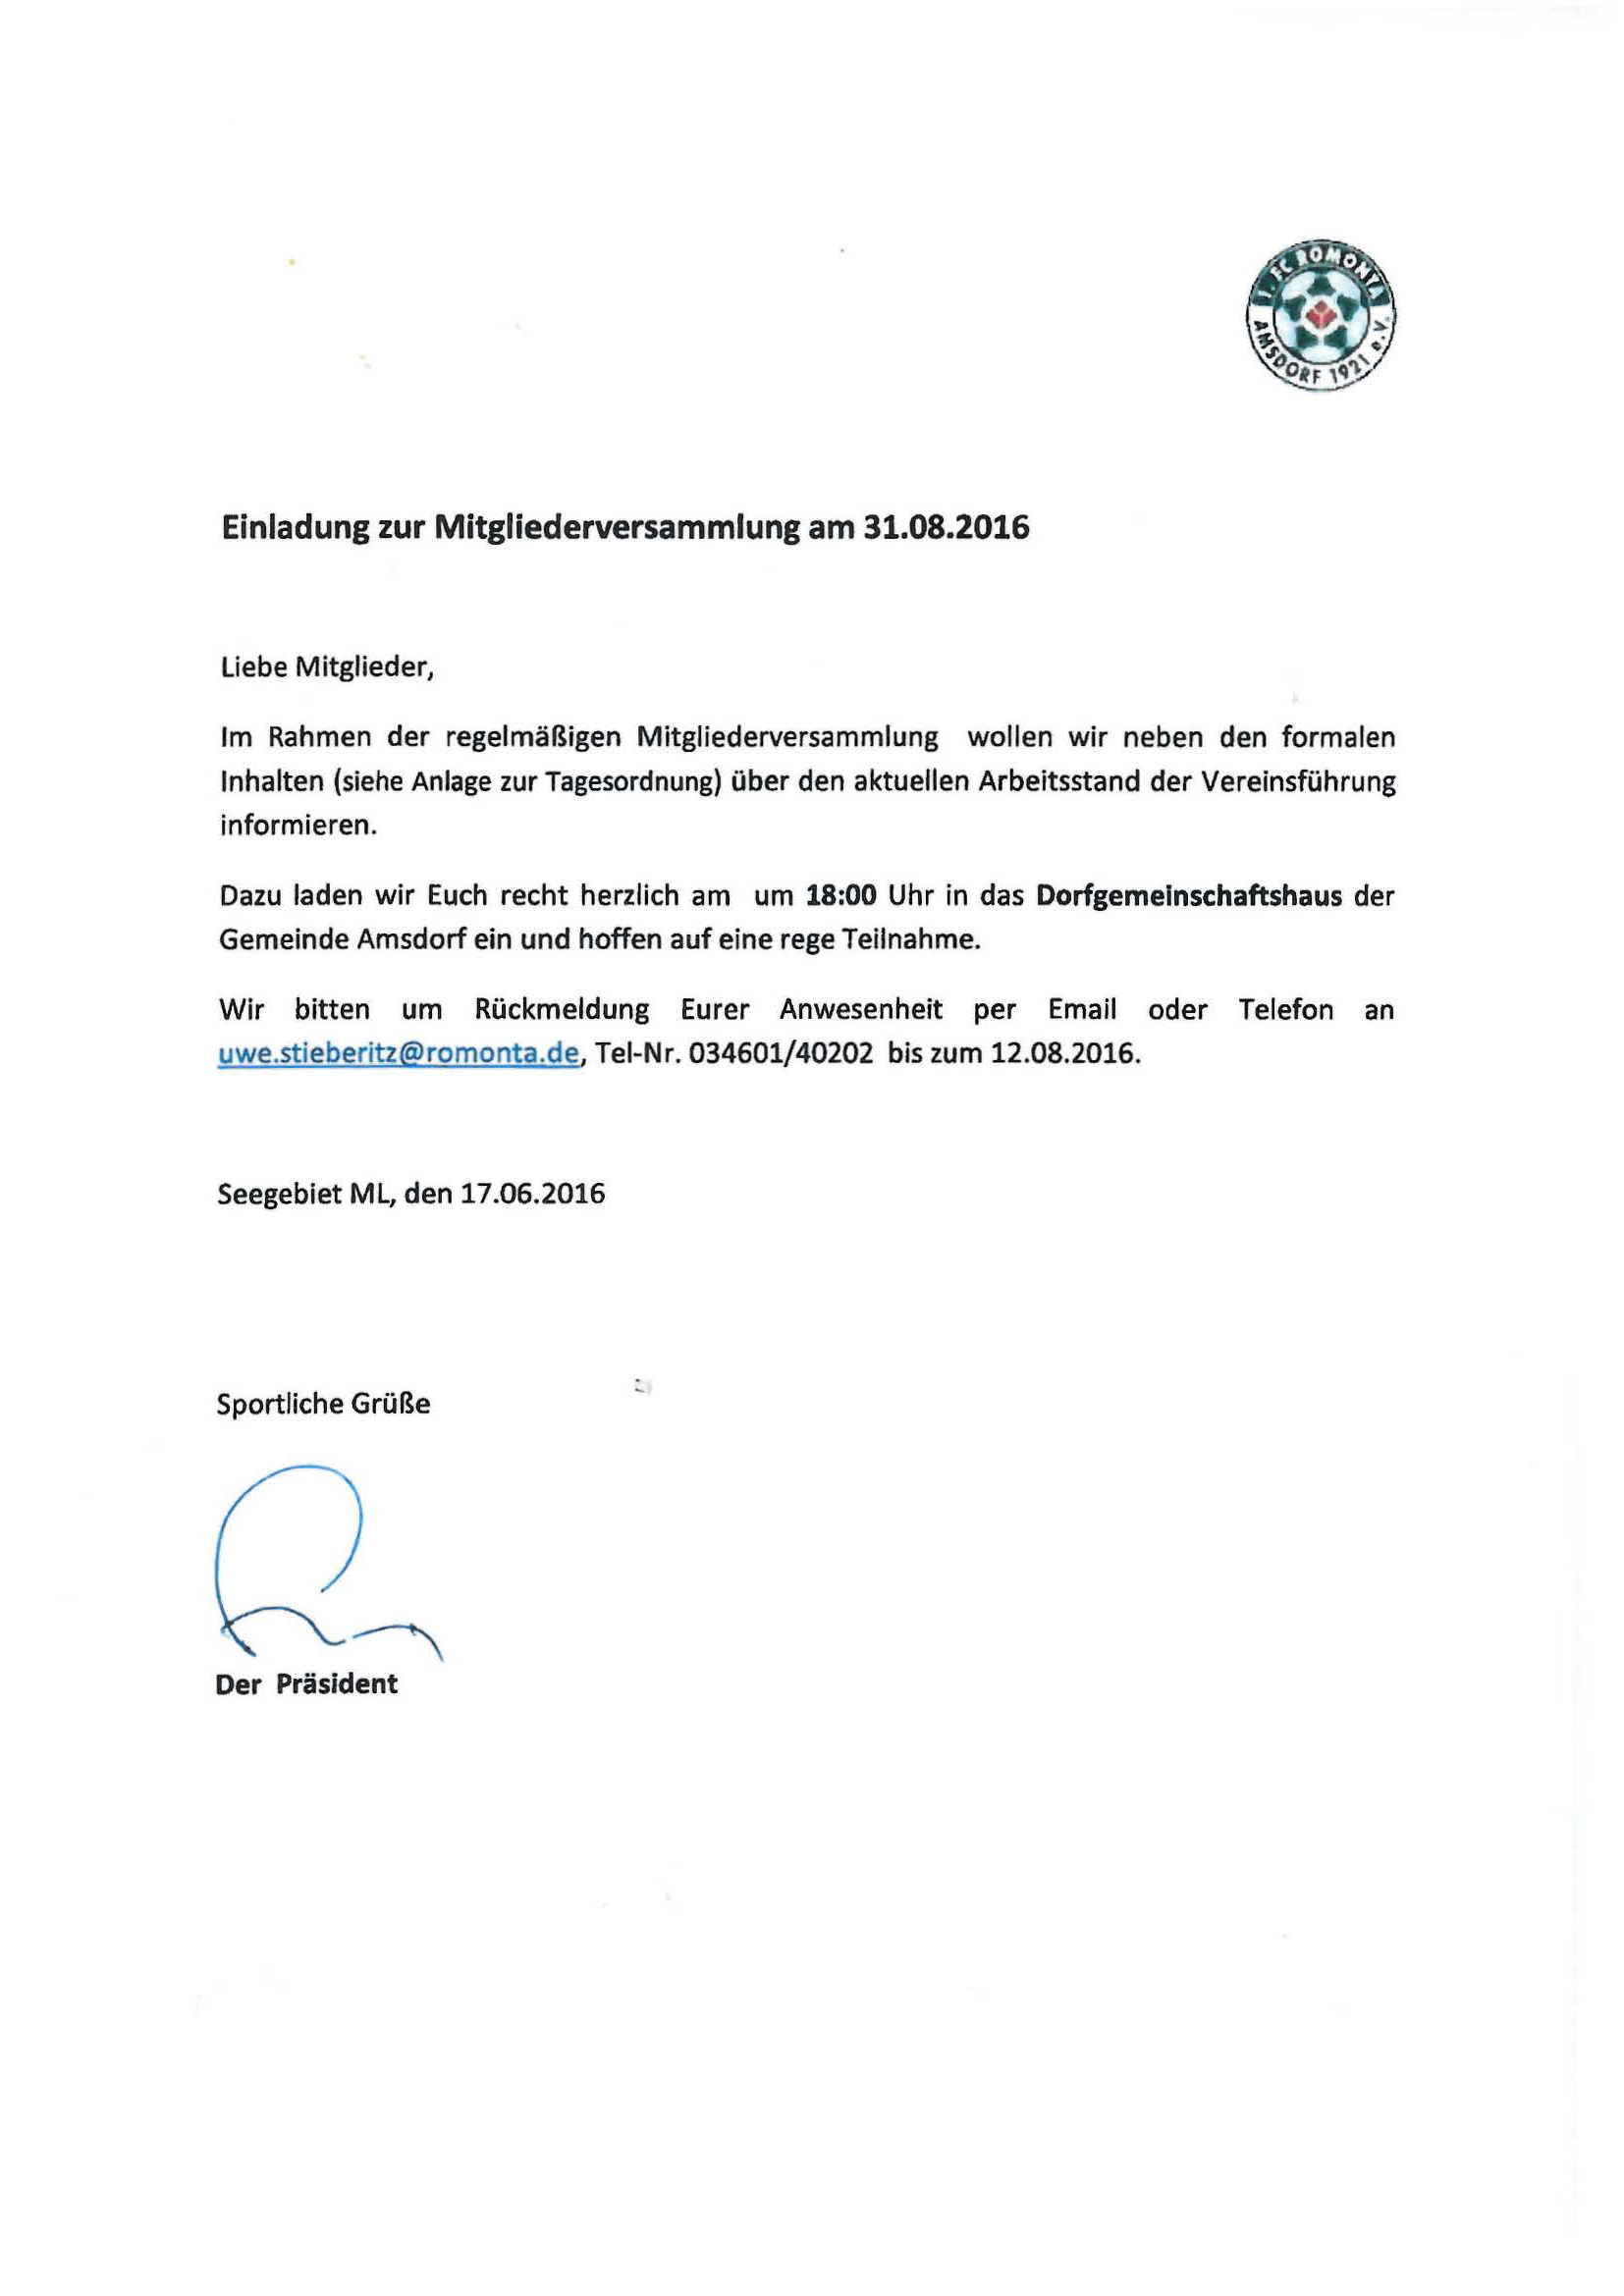 einladung zur mitgliederversammlung 2016 | 1.fc romonta amsdorf, Einladung